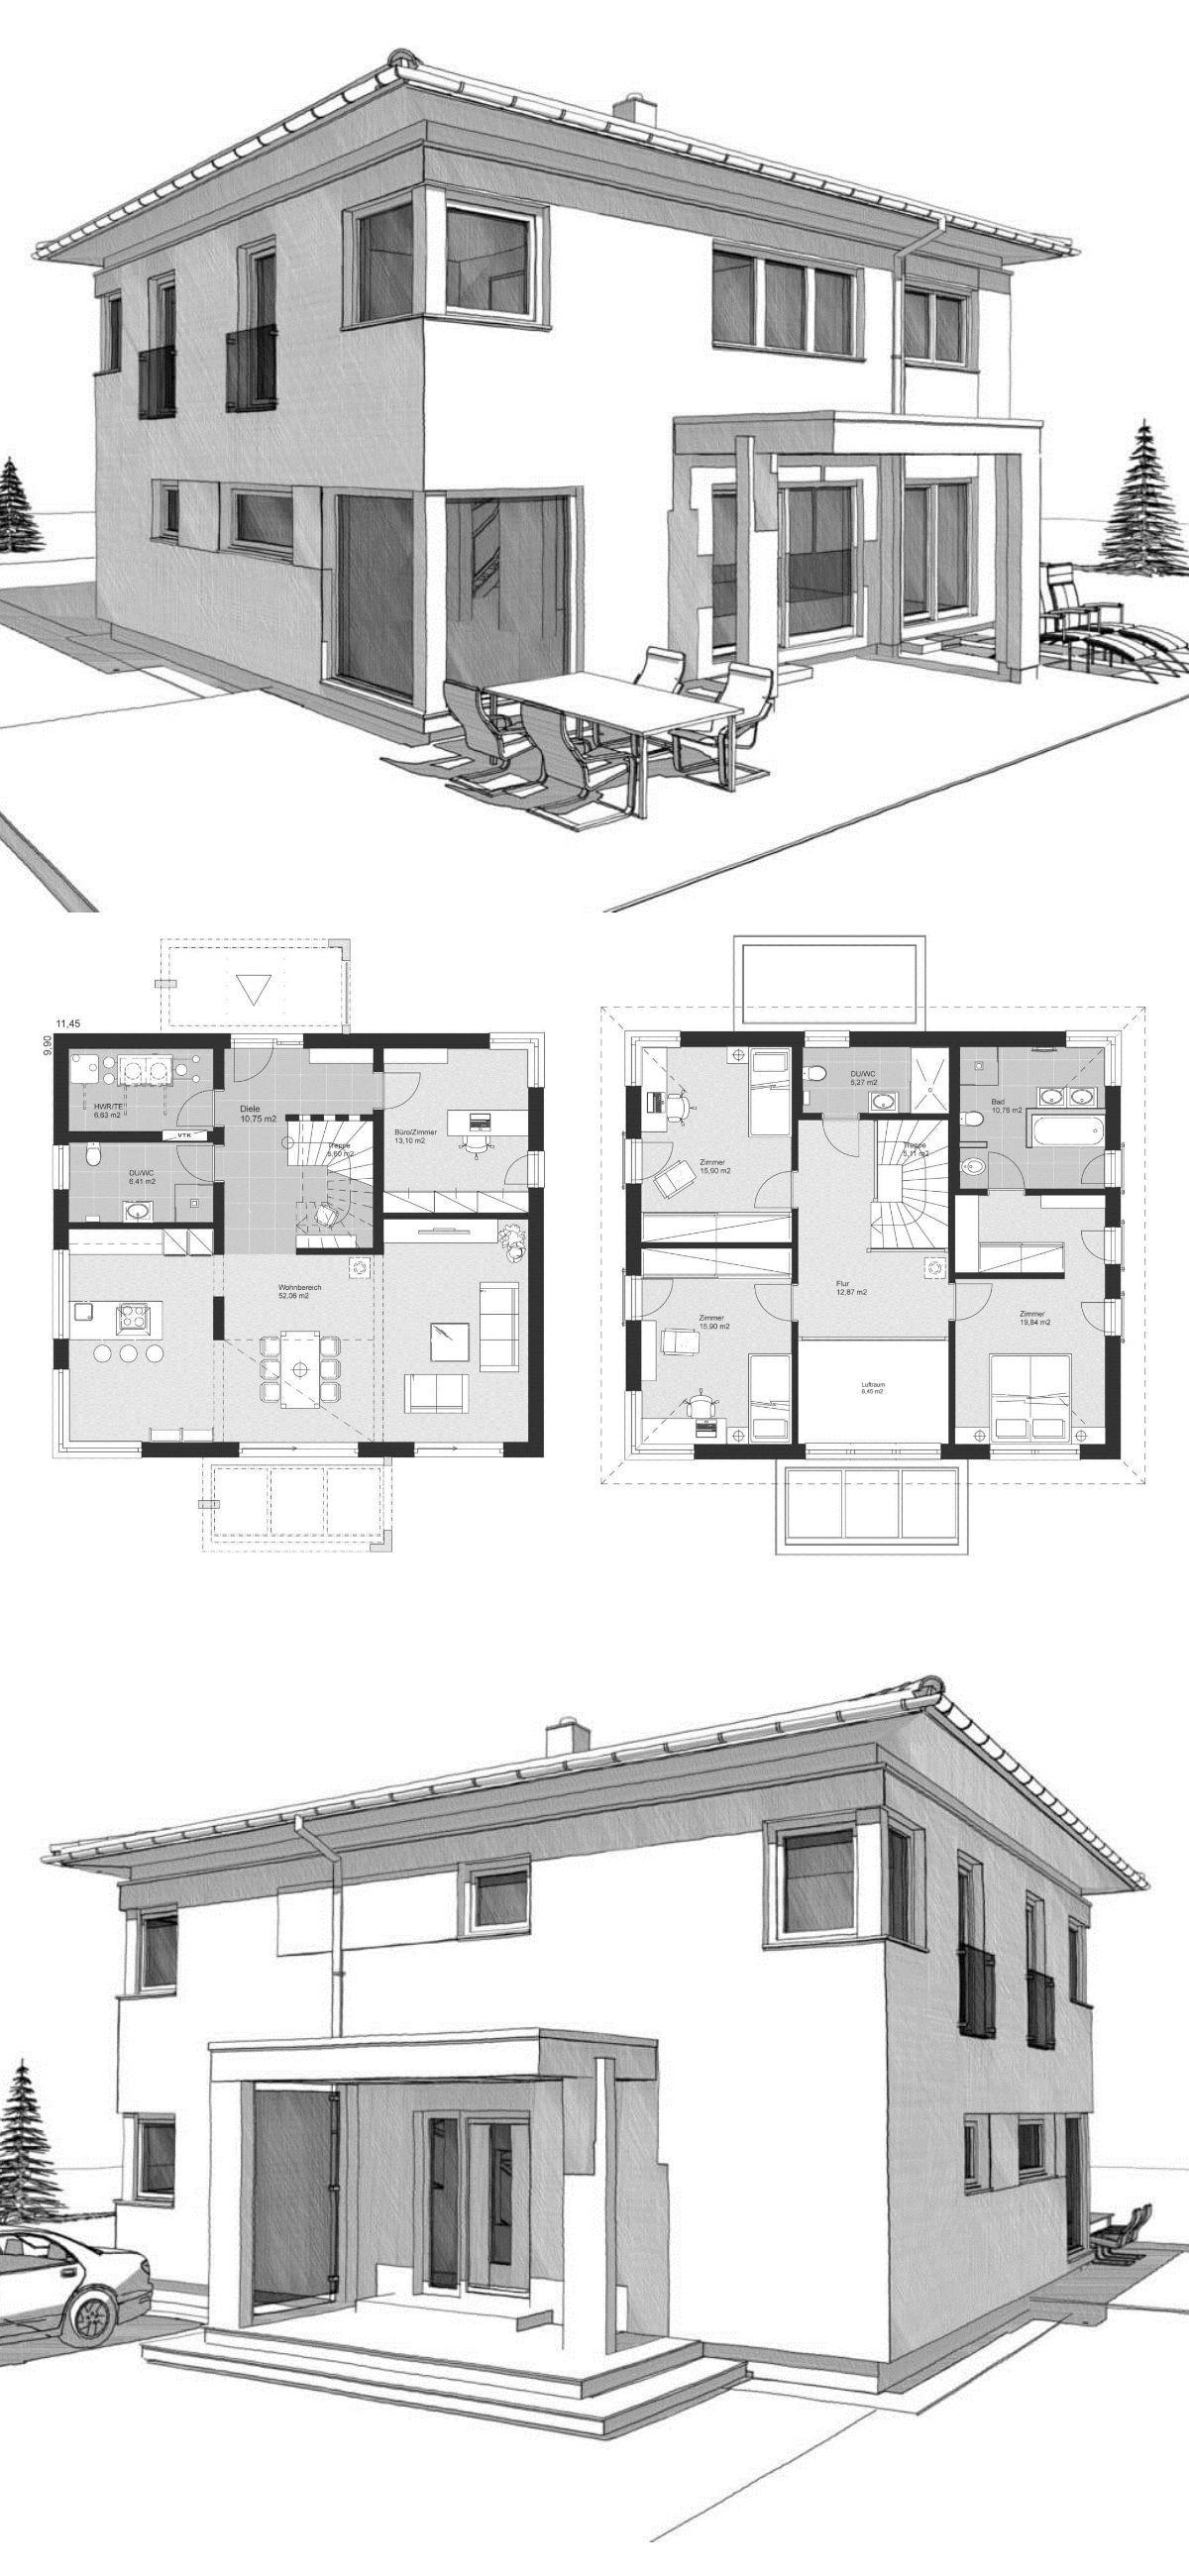 Stadtvilla neubau modern grundriss mit walmdach for Einfamilienhaus modern grundriss